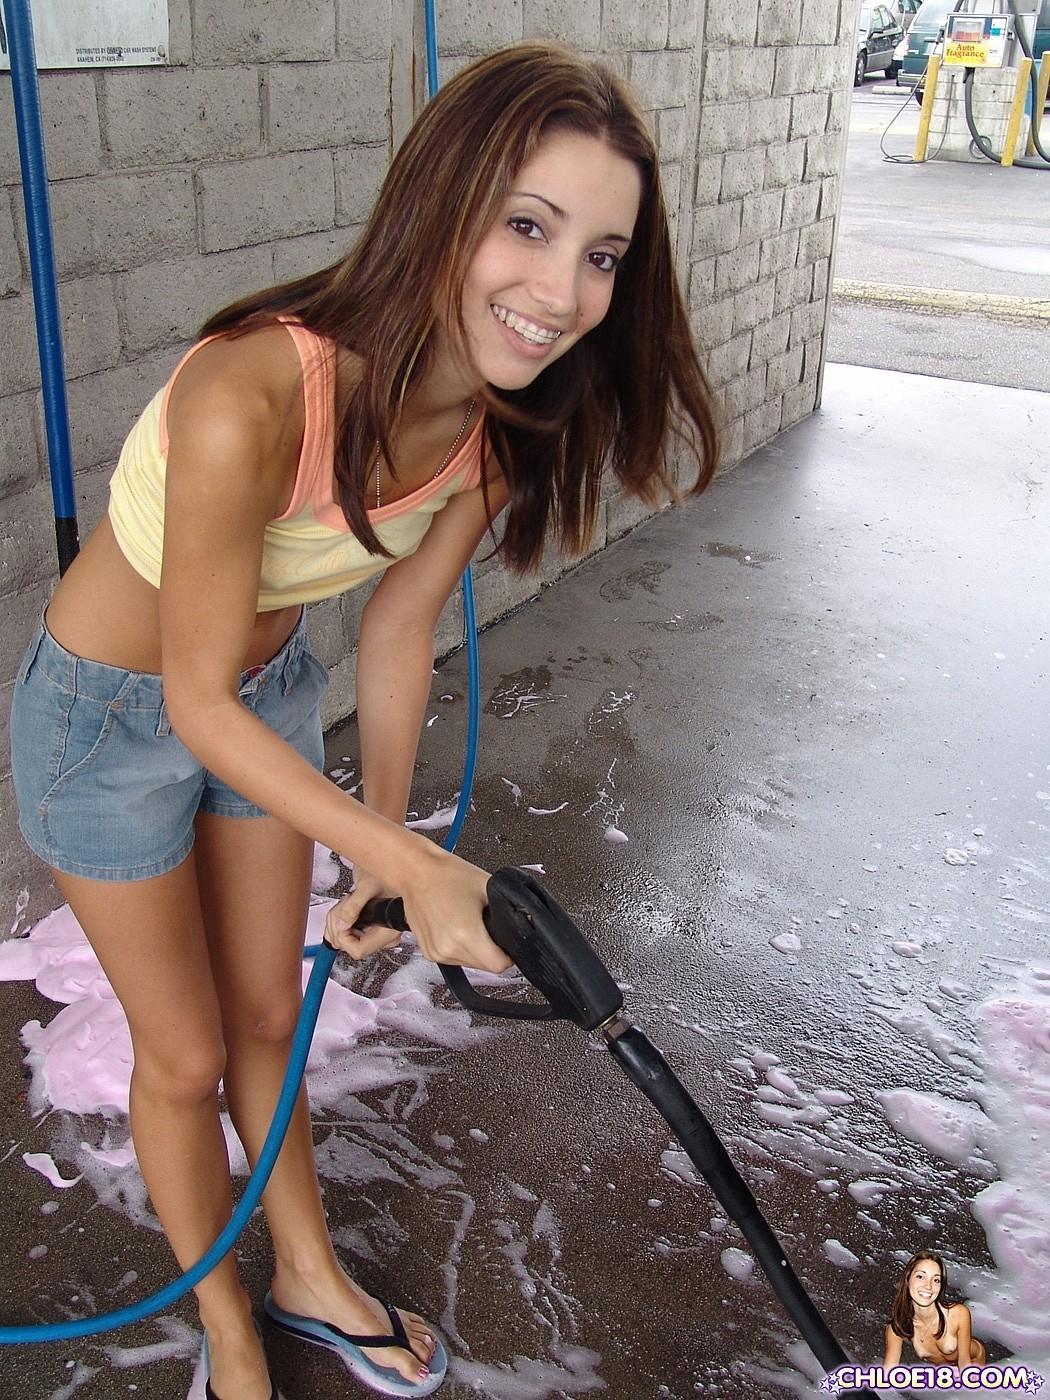 Девушка устраивает экстремальное шоу парню в то время, когда моют их машину